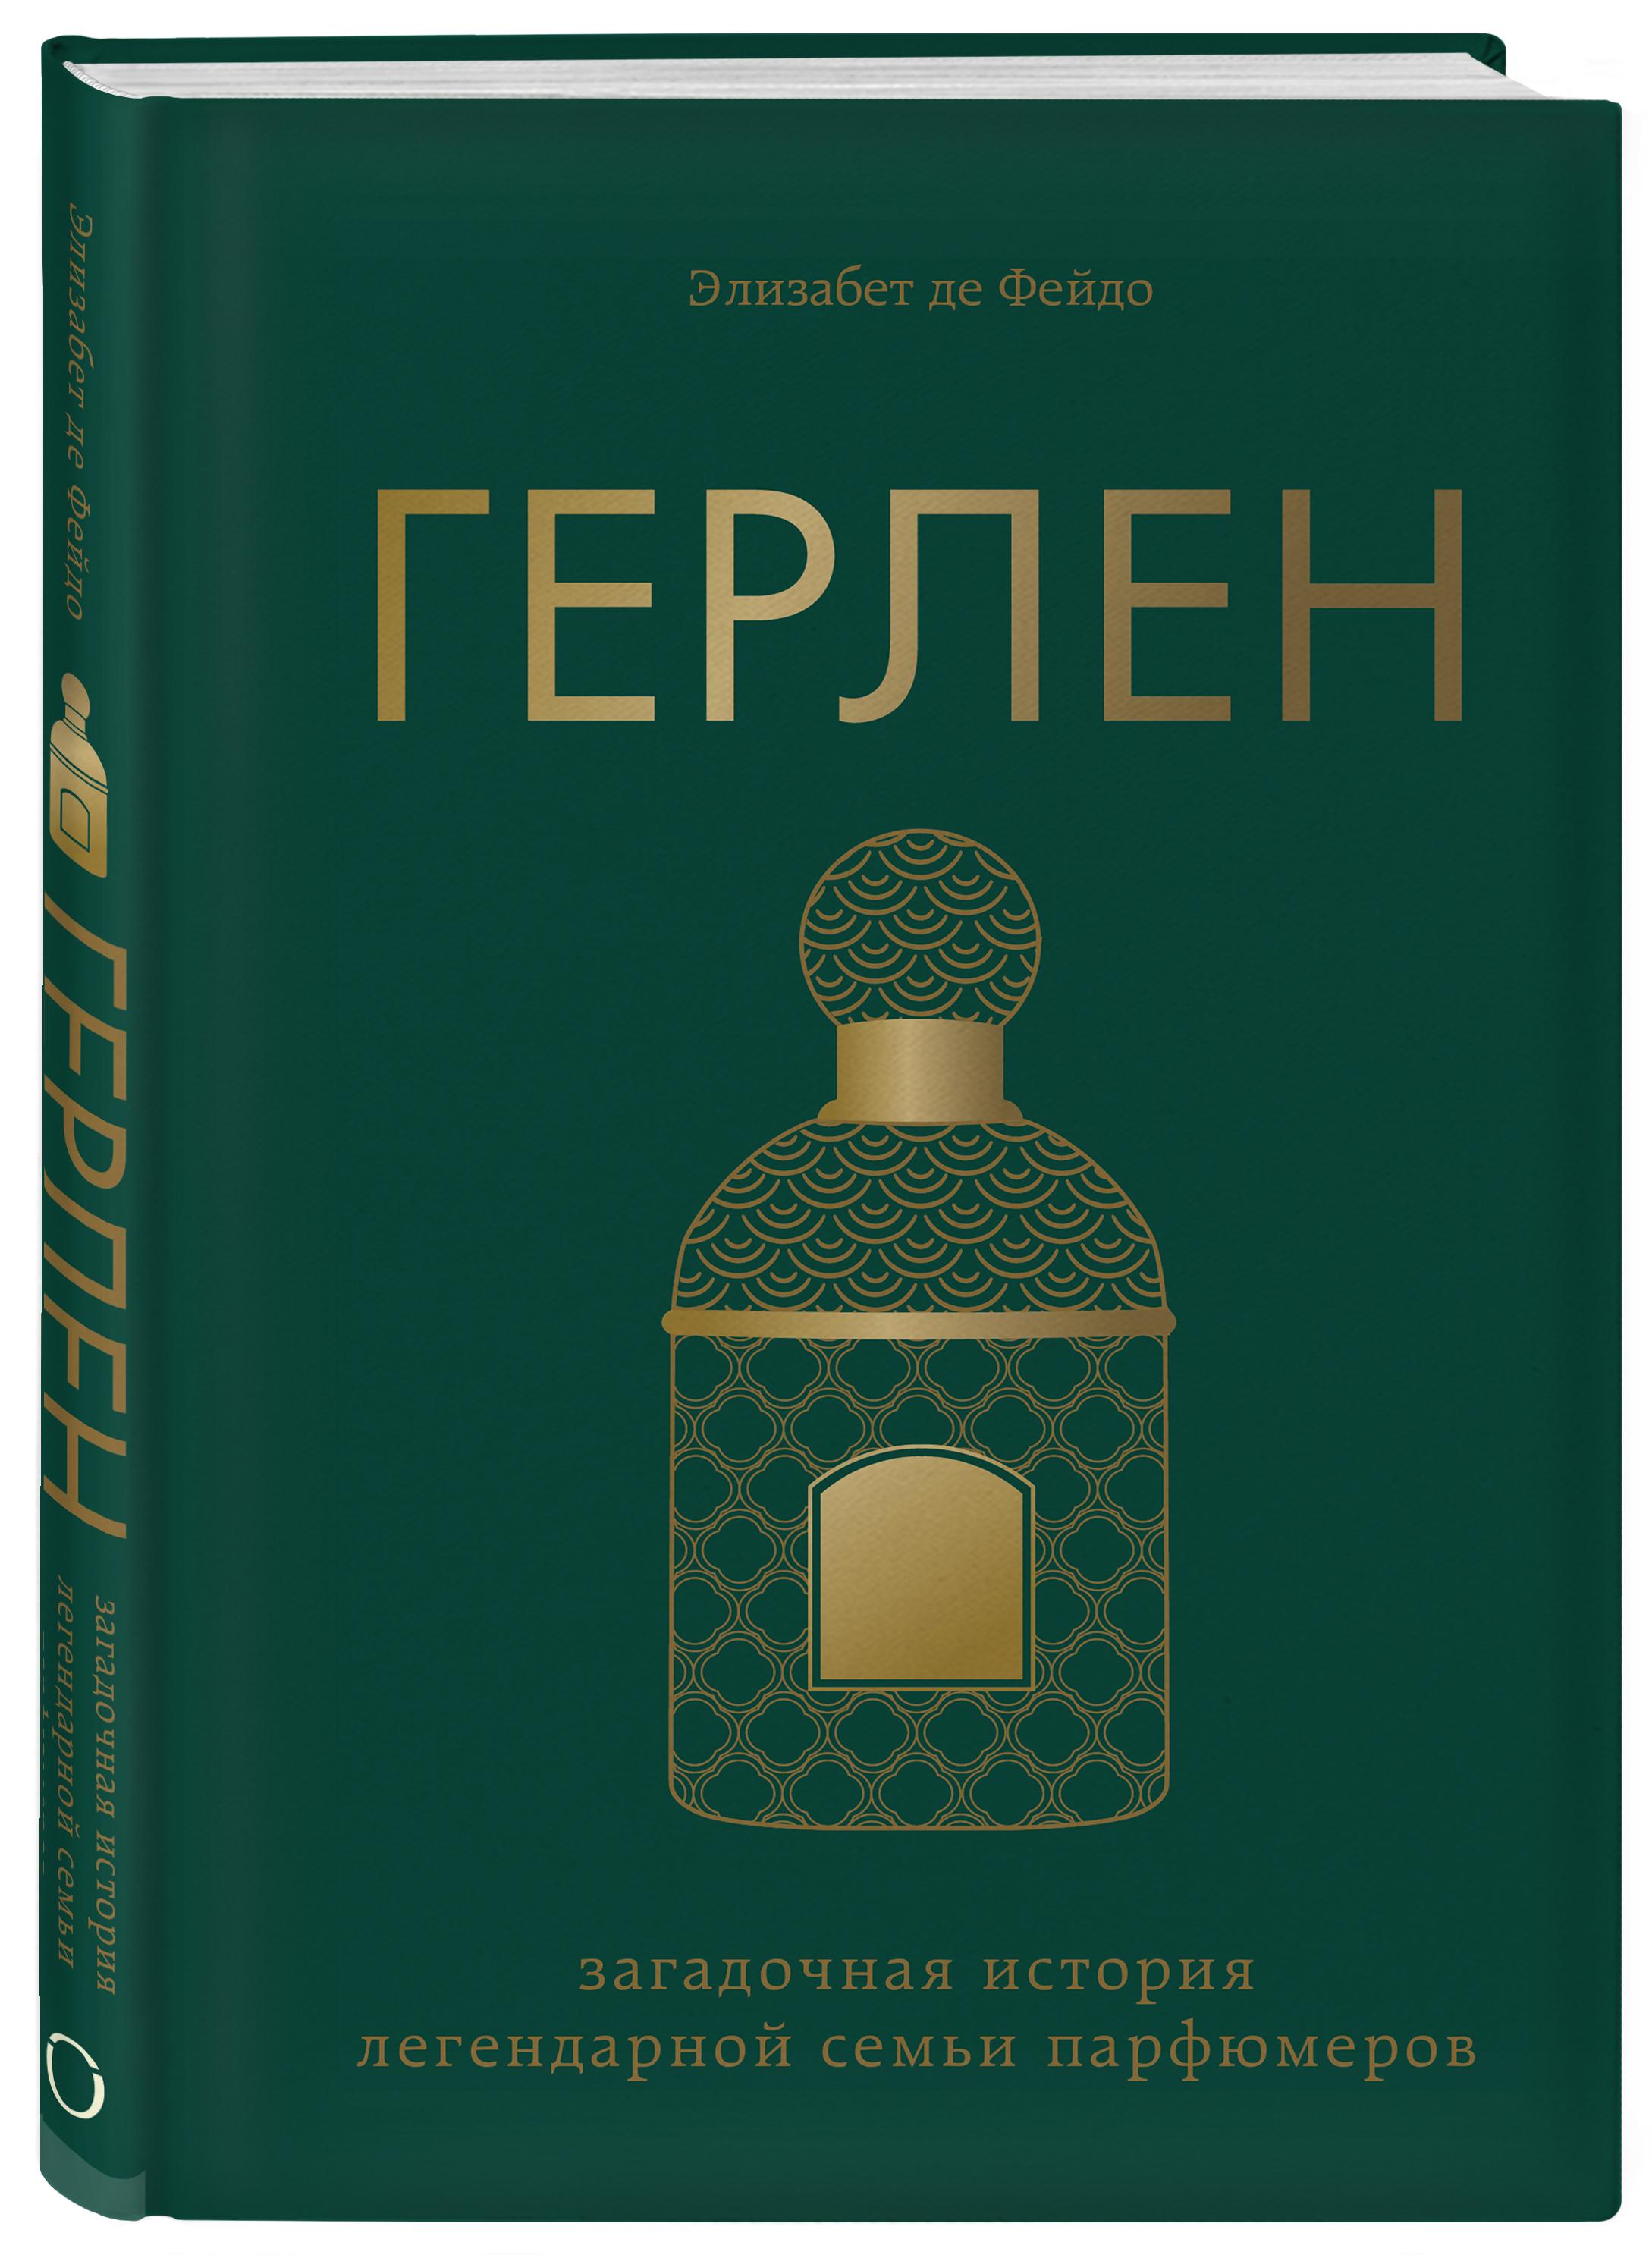 Герлен. История парфюмеров